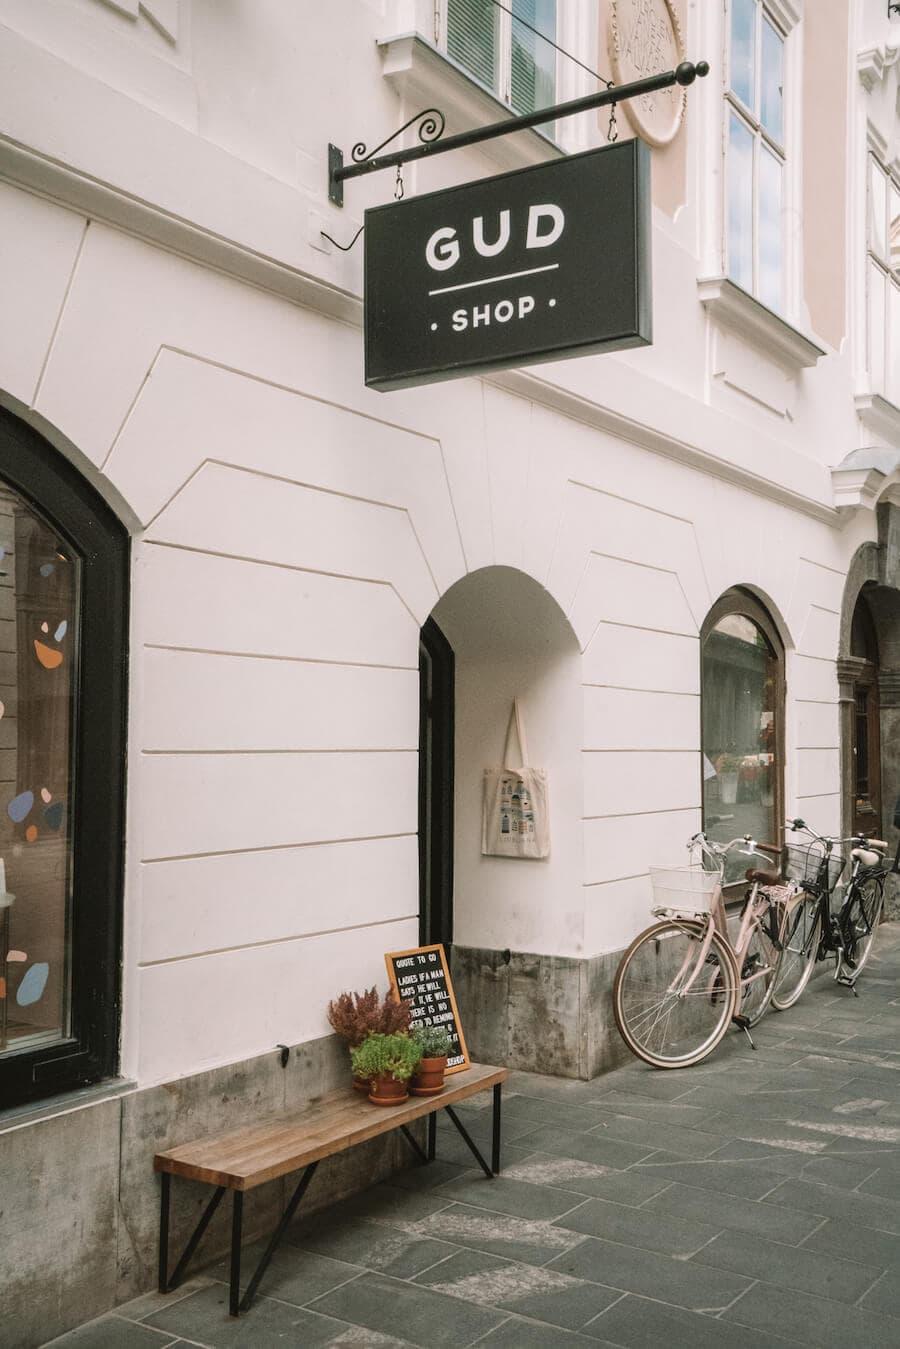 Gud Shop, Ljubljana